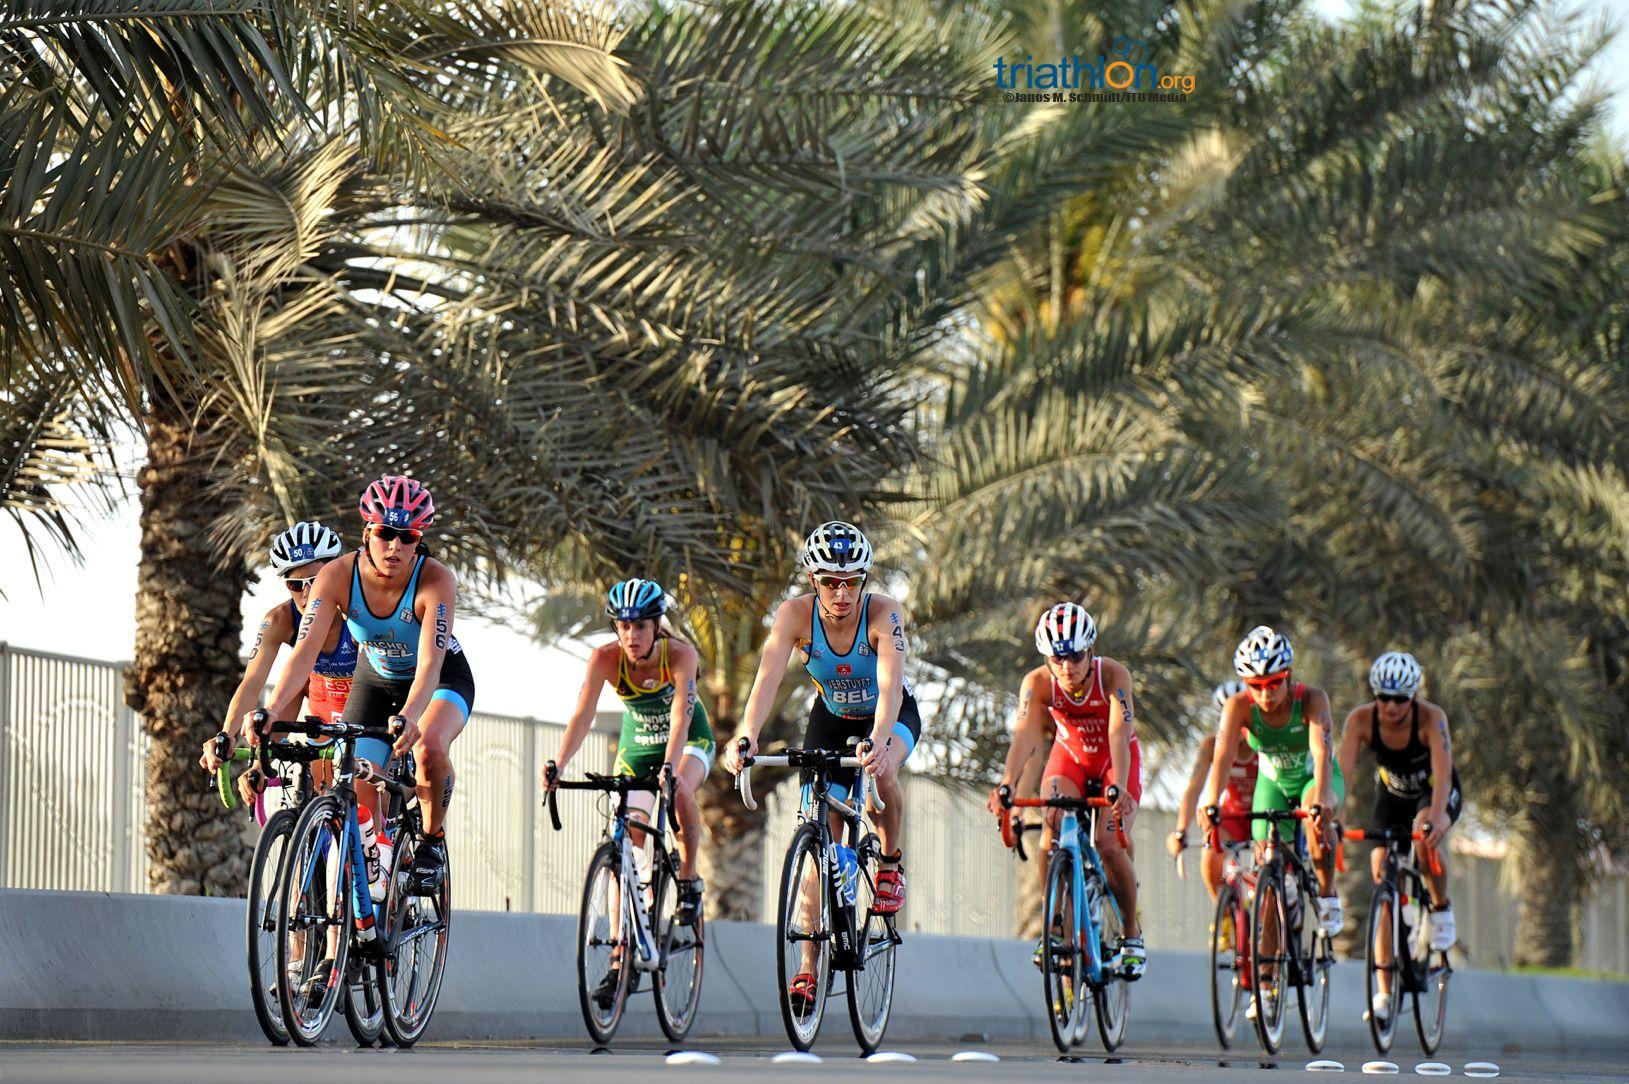 Claire en Katrien op kop van de achtervolgende groep (foto:ITU/Janos M. Schmidt)